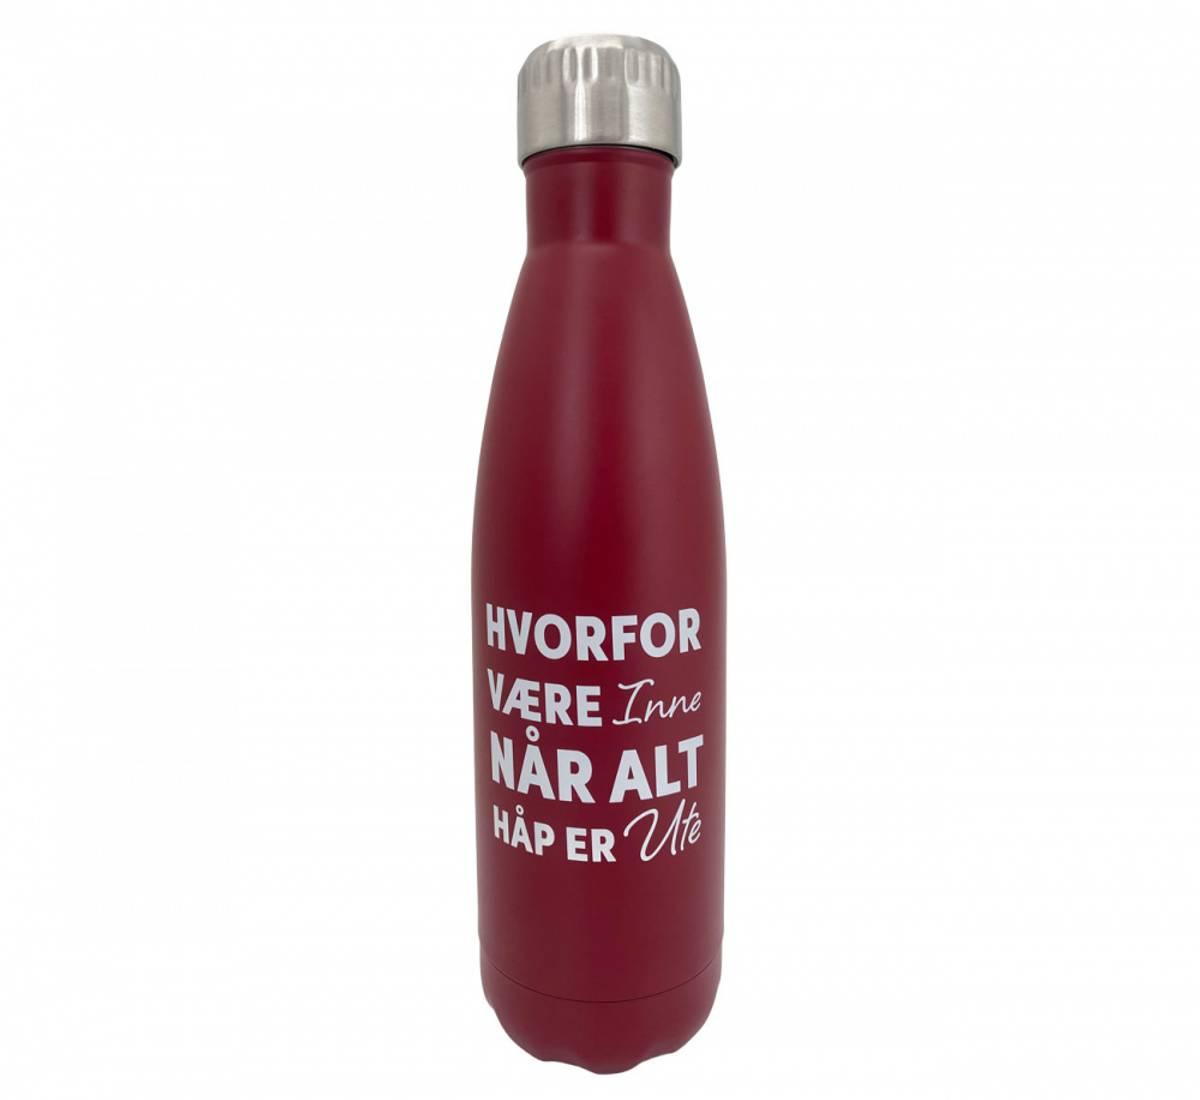 Termoflaske rød, hvorfor være inne når alt håp er ute